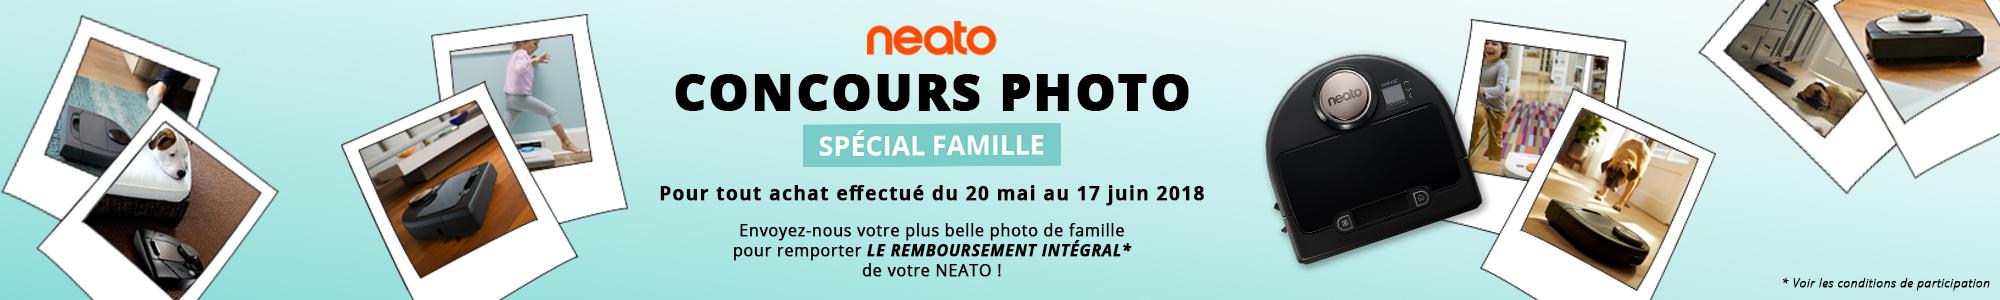 Concours photos NEATO 2018